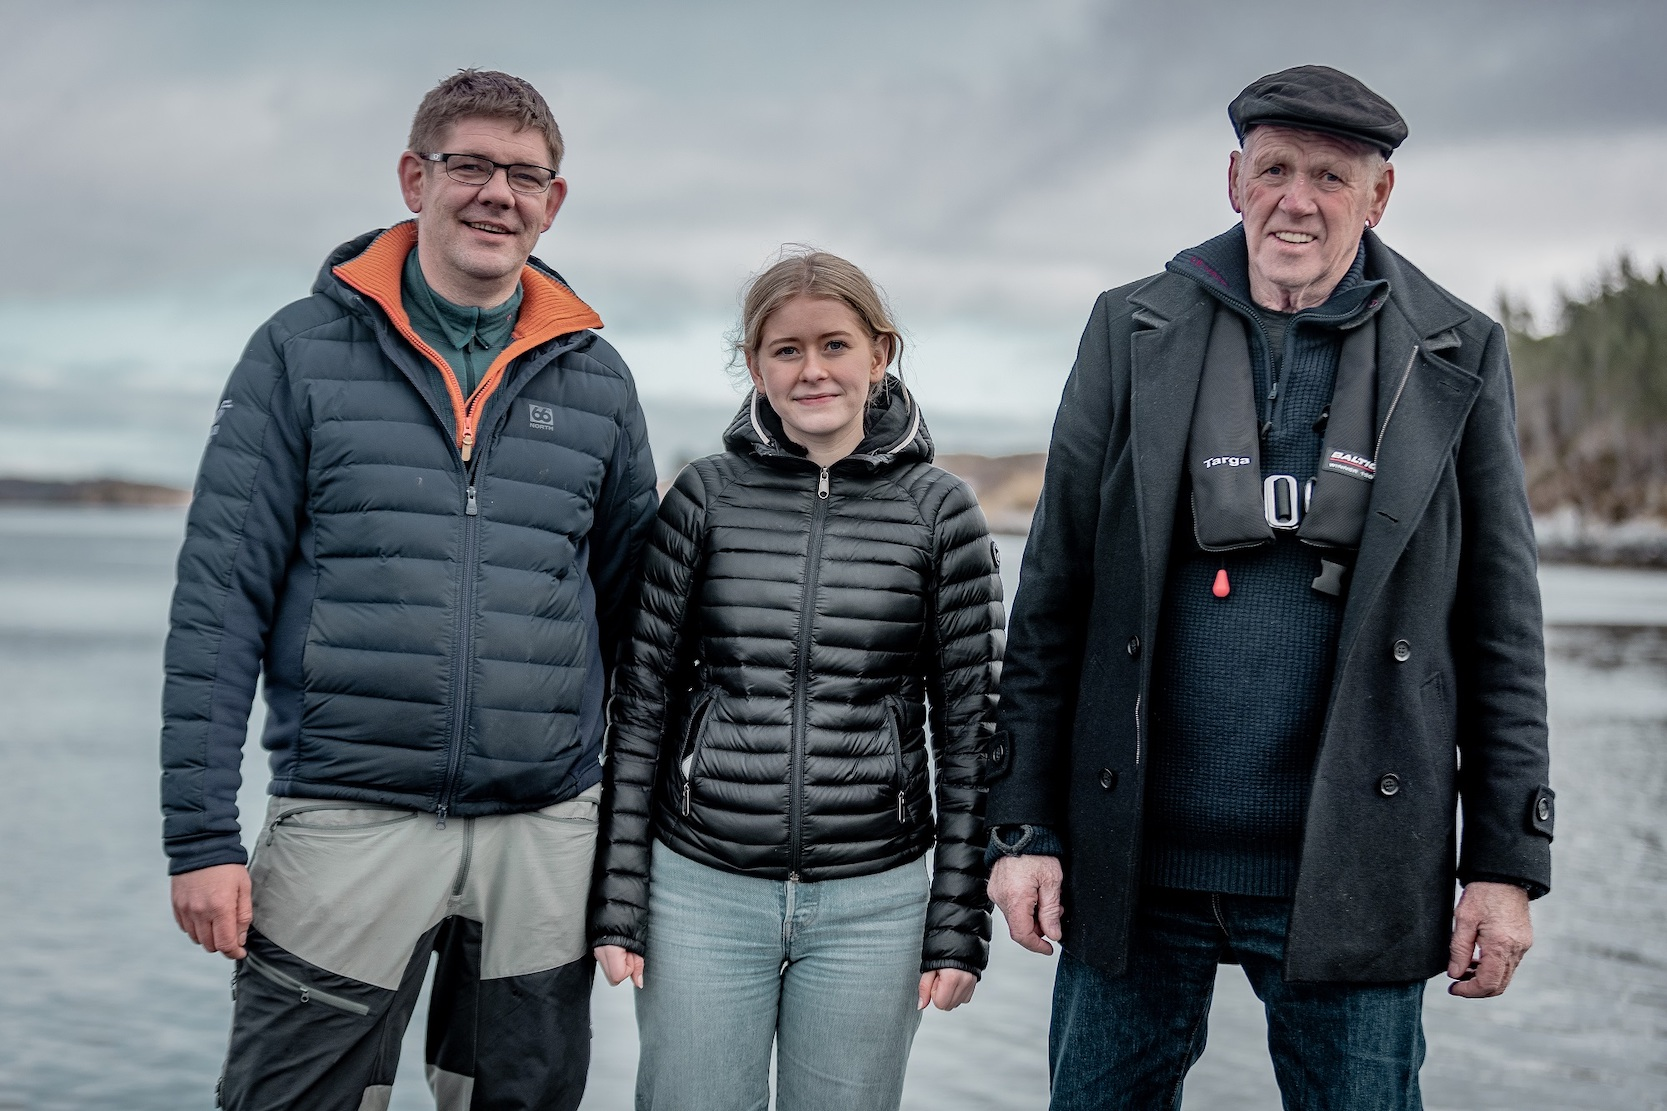 """Lars Måsøval: """"Dette er en milepæl for Måsøval"""""""